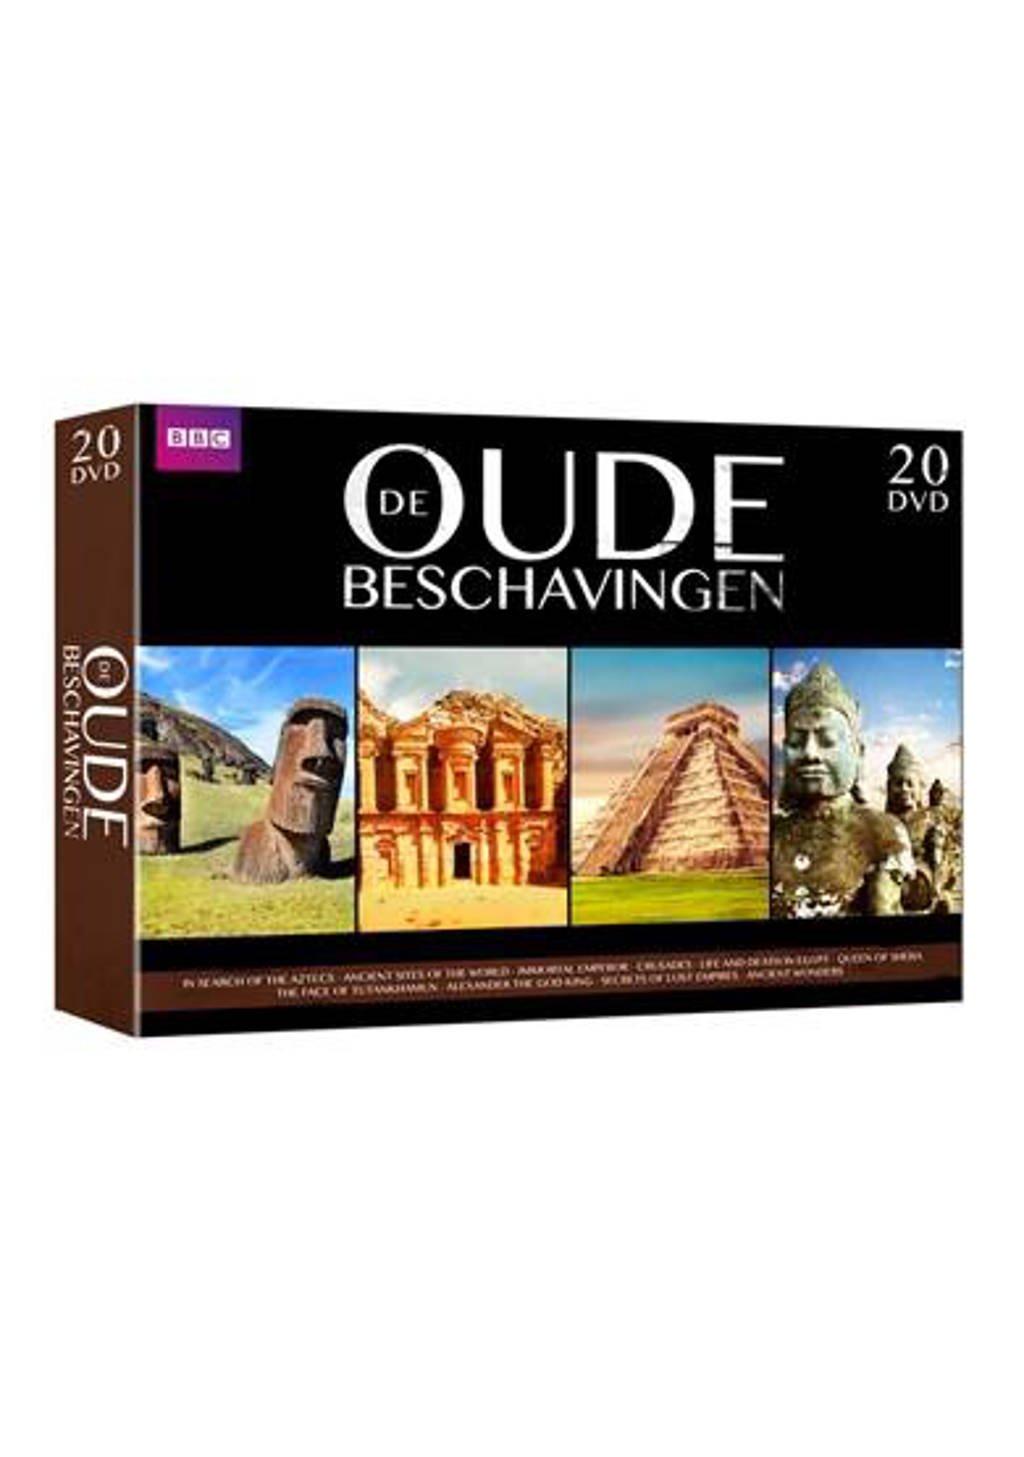 Oude beschavingen (DVD)